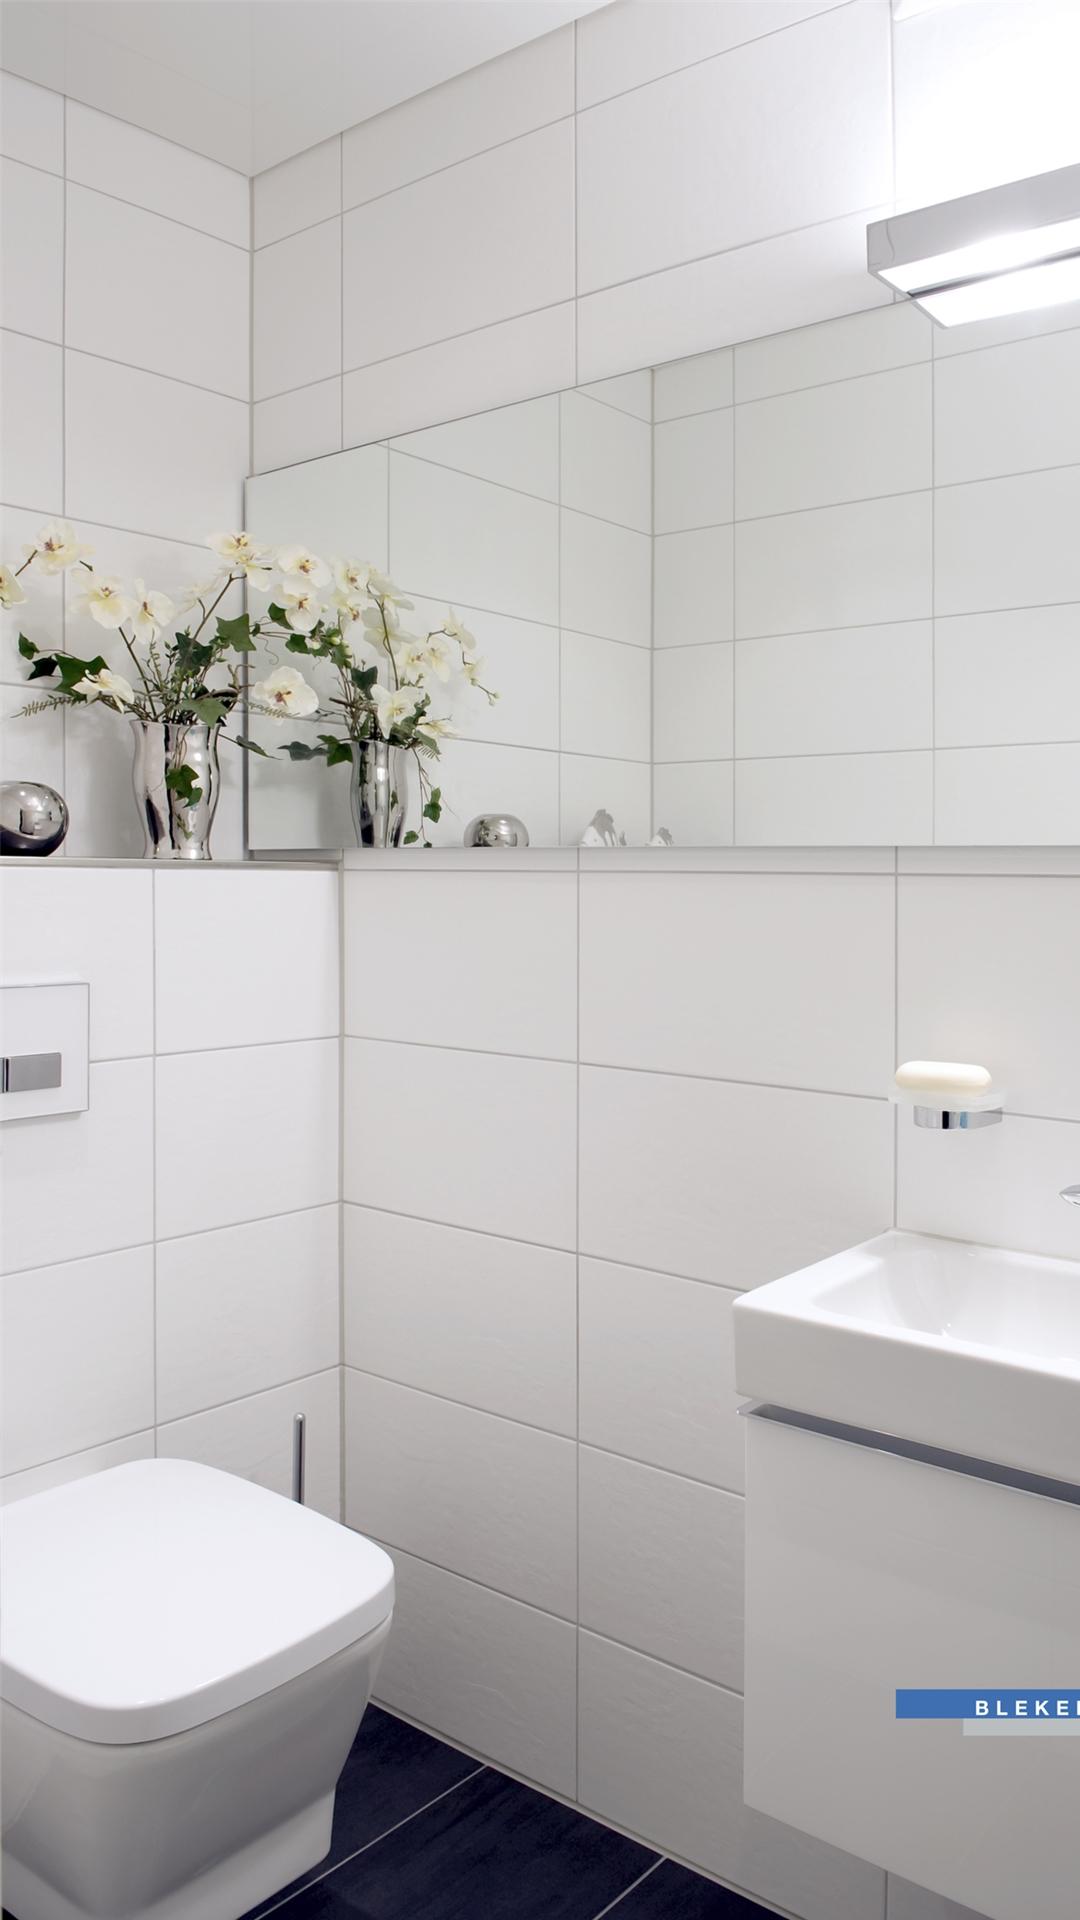 Gäste-WC in weiß mit großem Spiegel und Deko